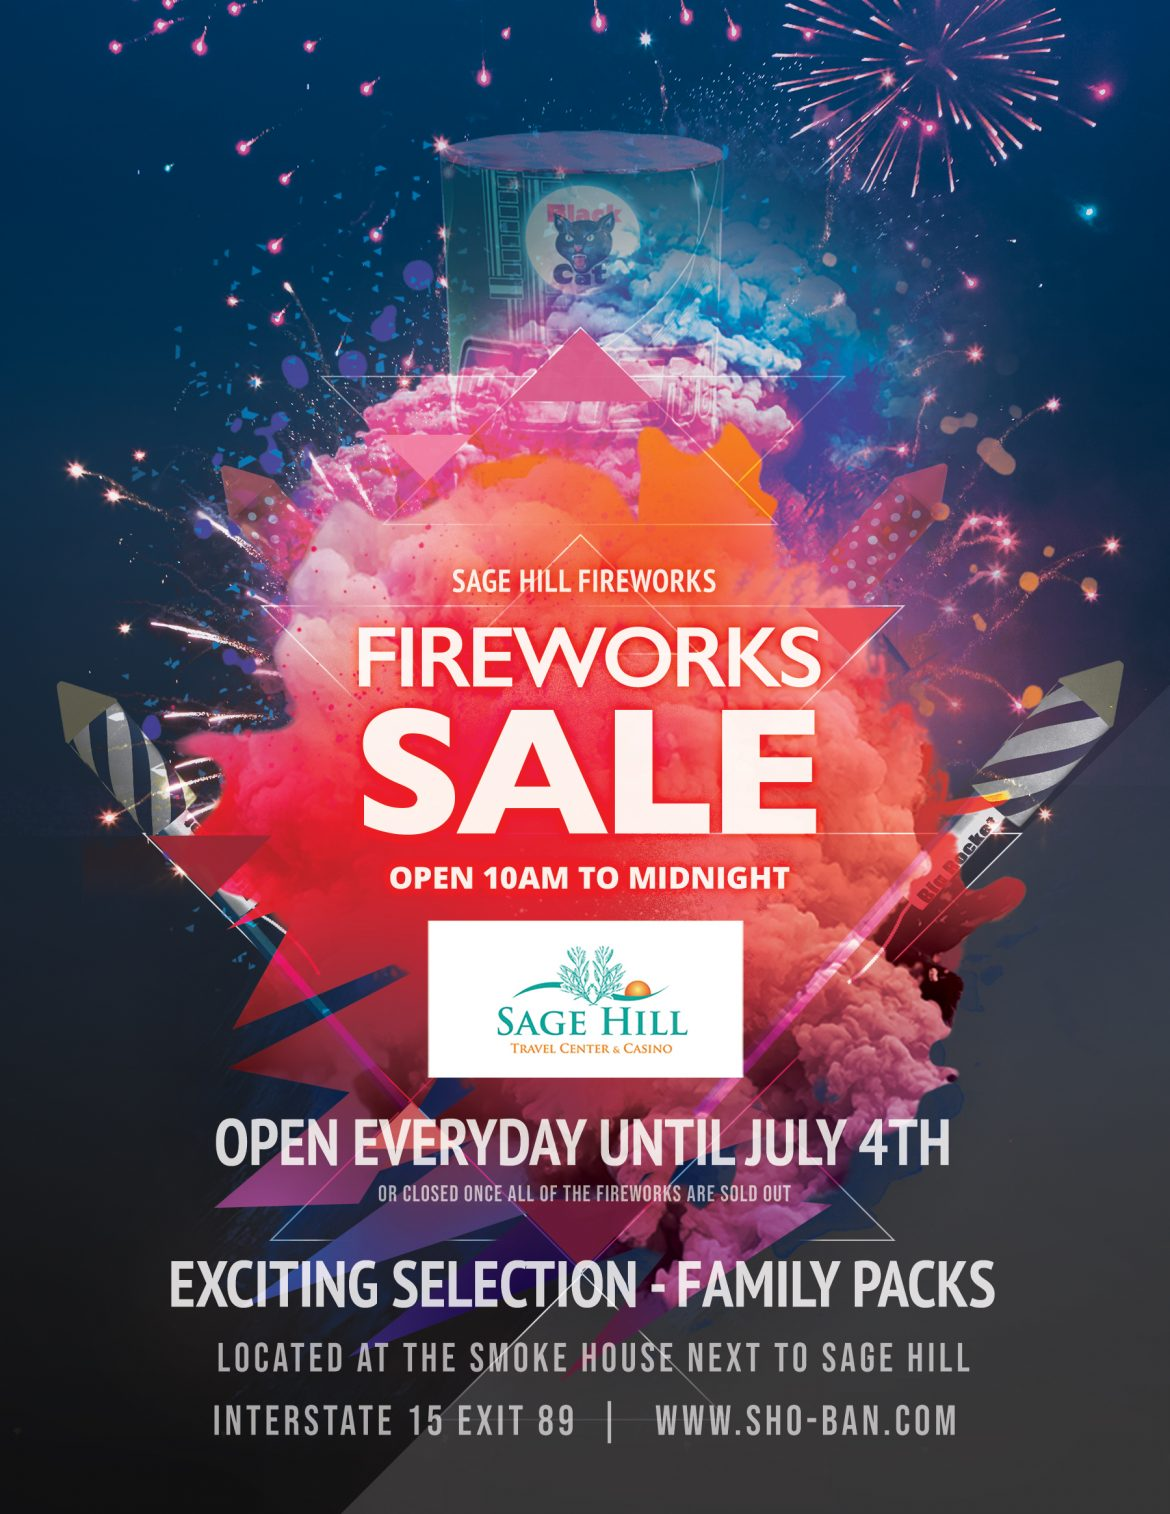 Sage Hill Fireworks Sale